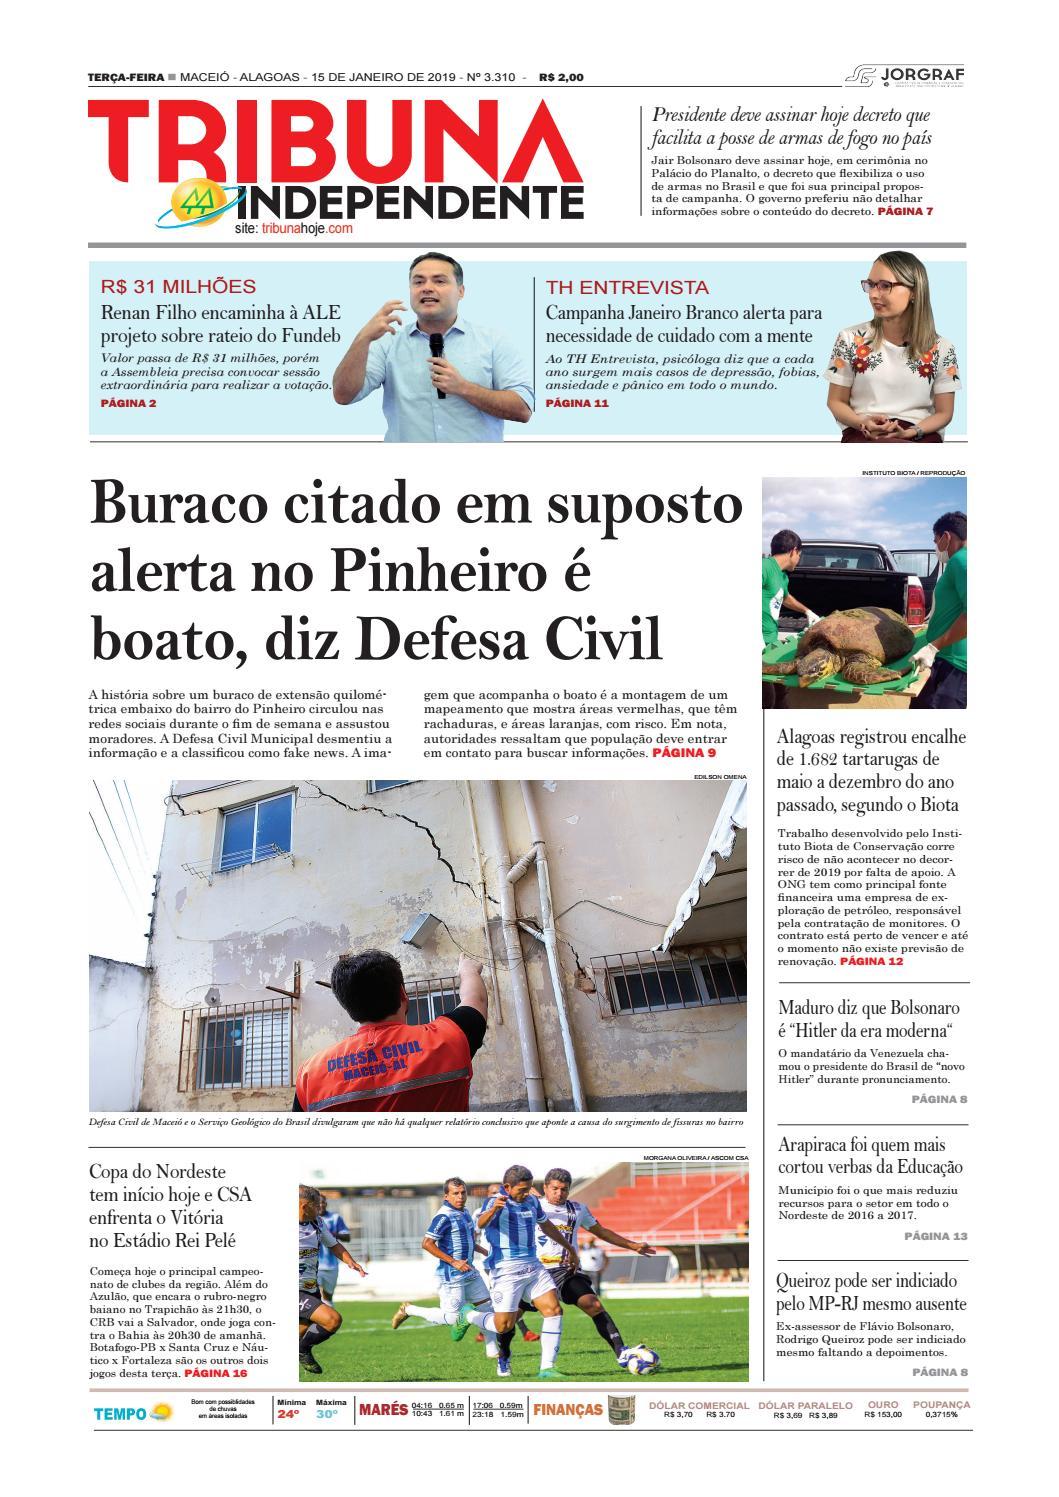 ab76382a09 Edição número 3310 - 15 de janeiro de 2019 by Tribuna Hoje - issuu